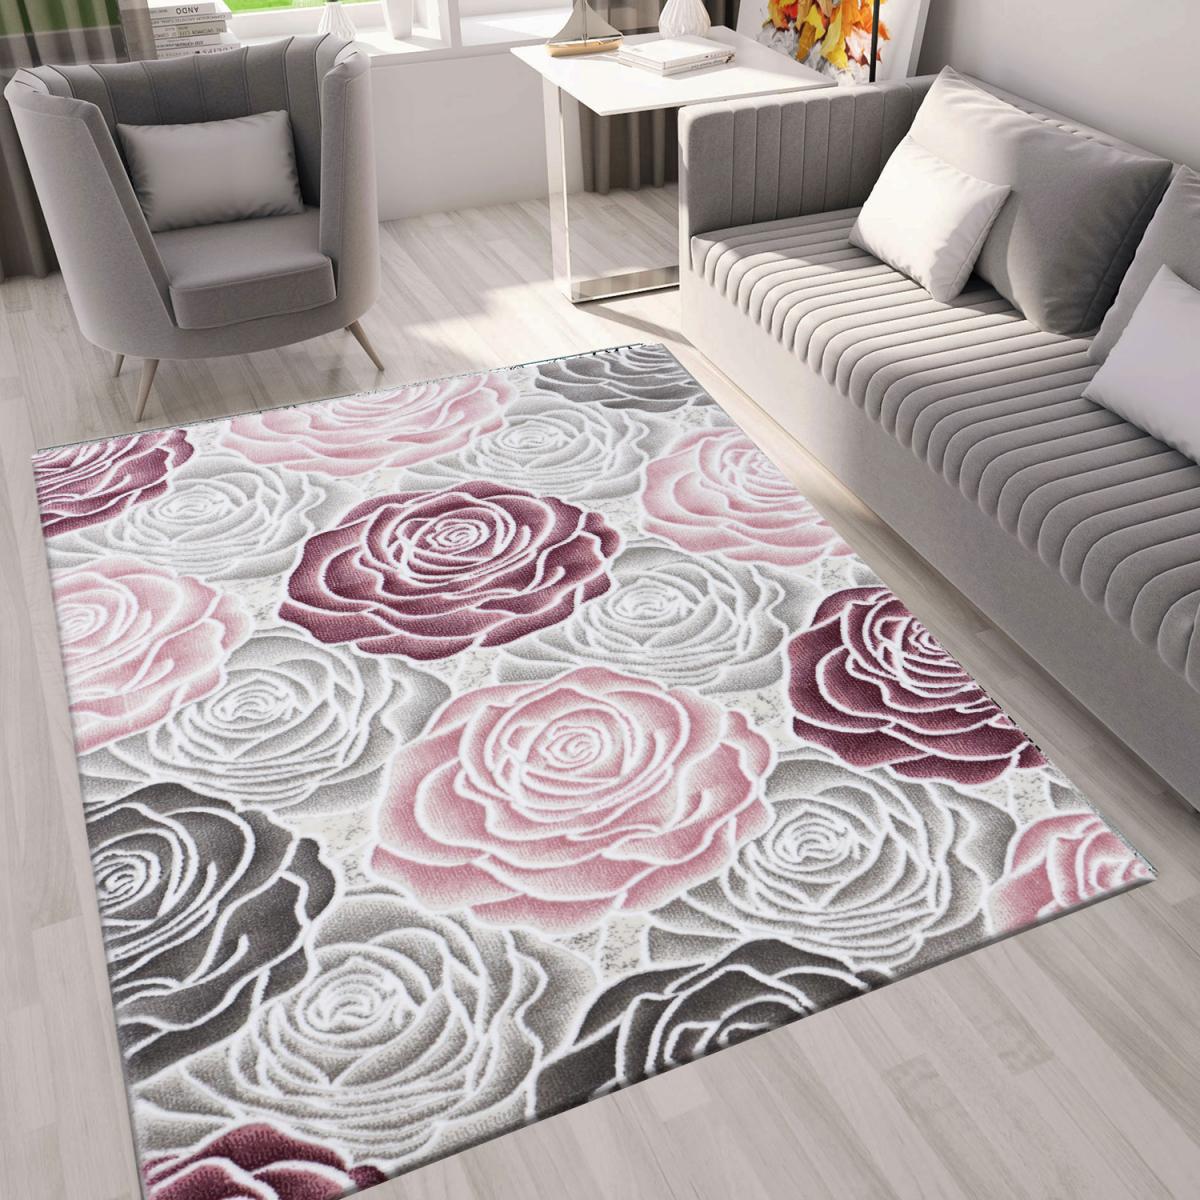 Moderner Wohnzimmer Teppich Rosen Muster In Rosa Grau Creme von Wohnzimmer Teppich Grau Rosa Photo